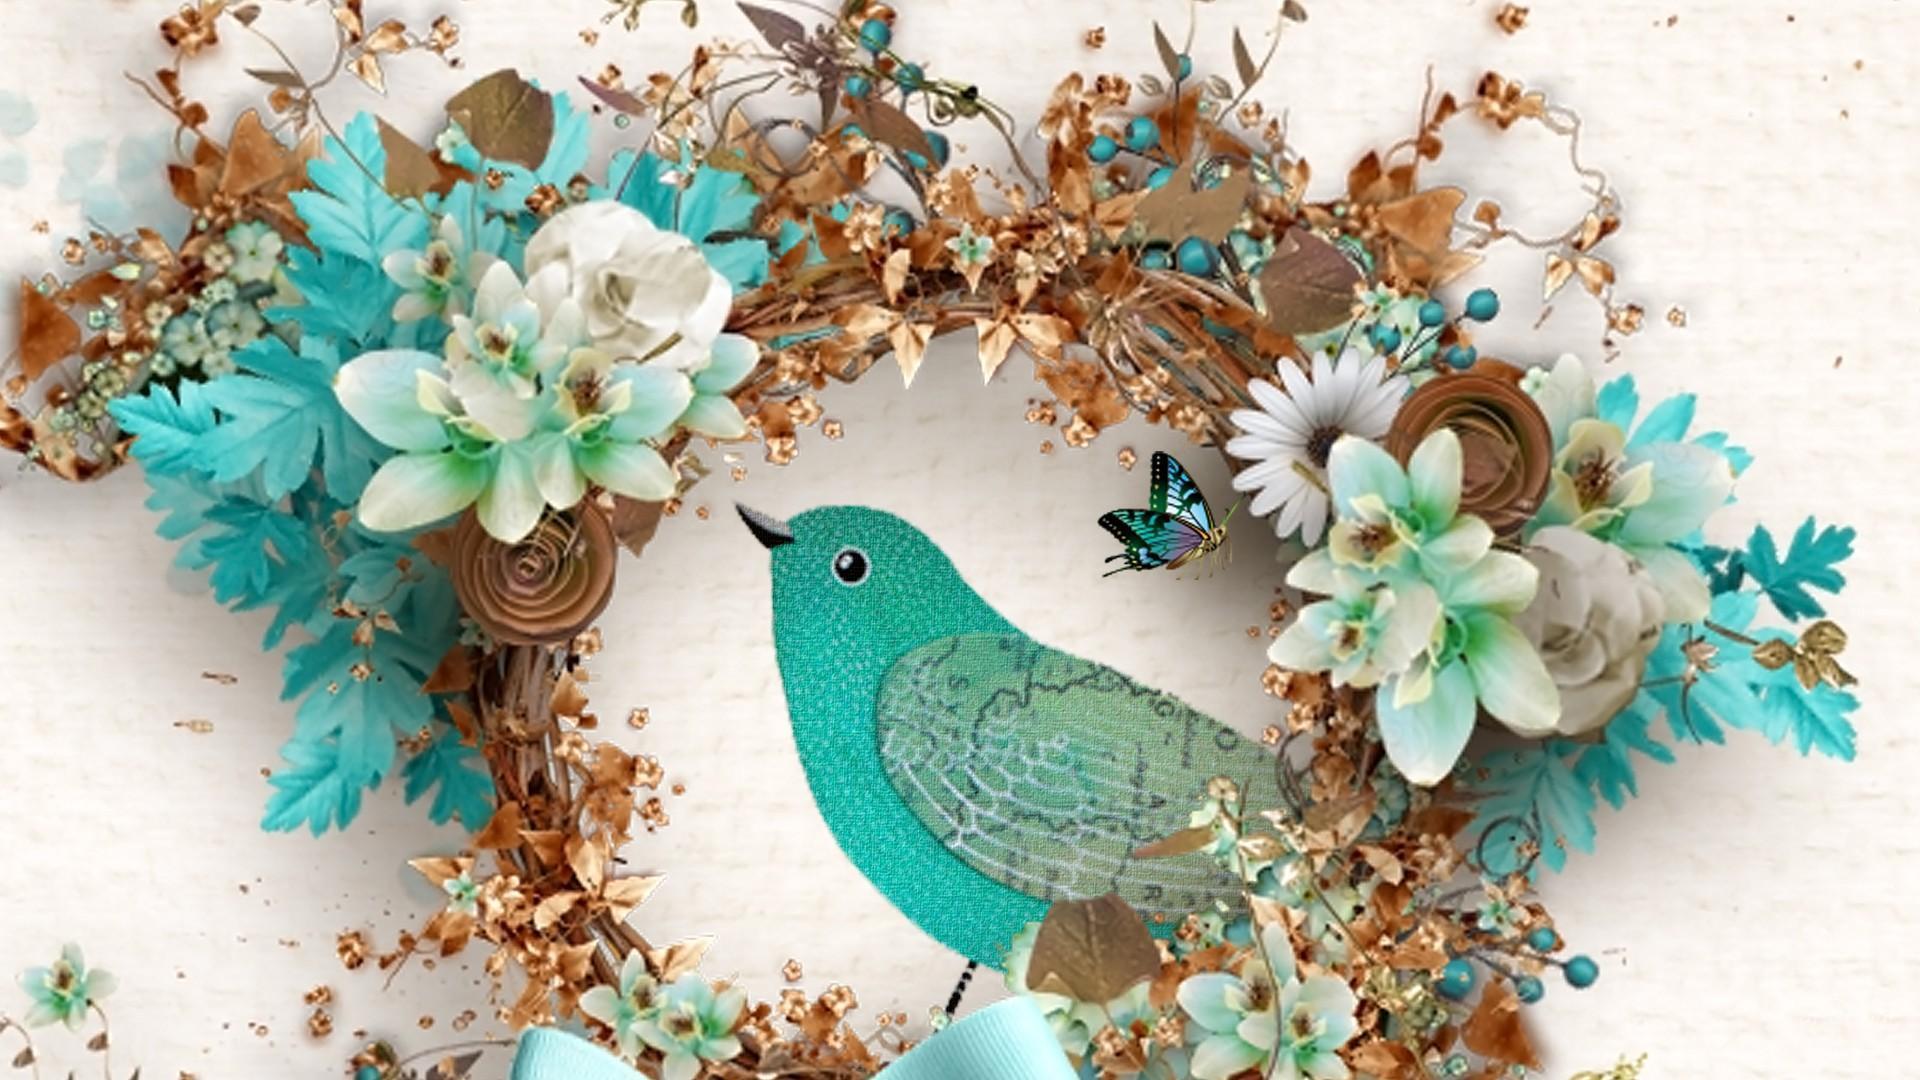 3d Moving Wallpaper Download For Windows 7 Bird Flowers Cyan Hd Desktop Wallpaper Widescreen High